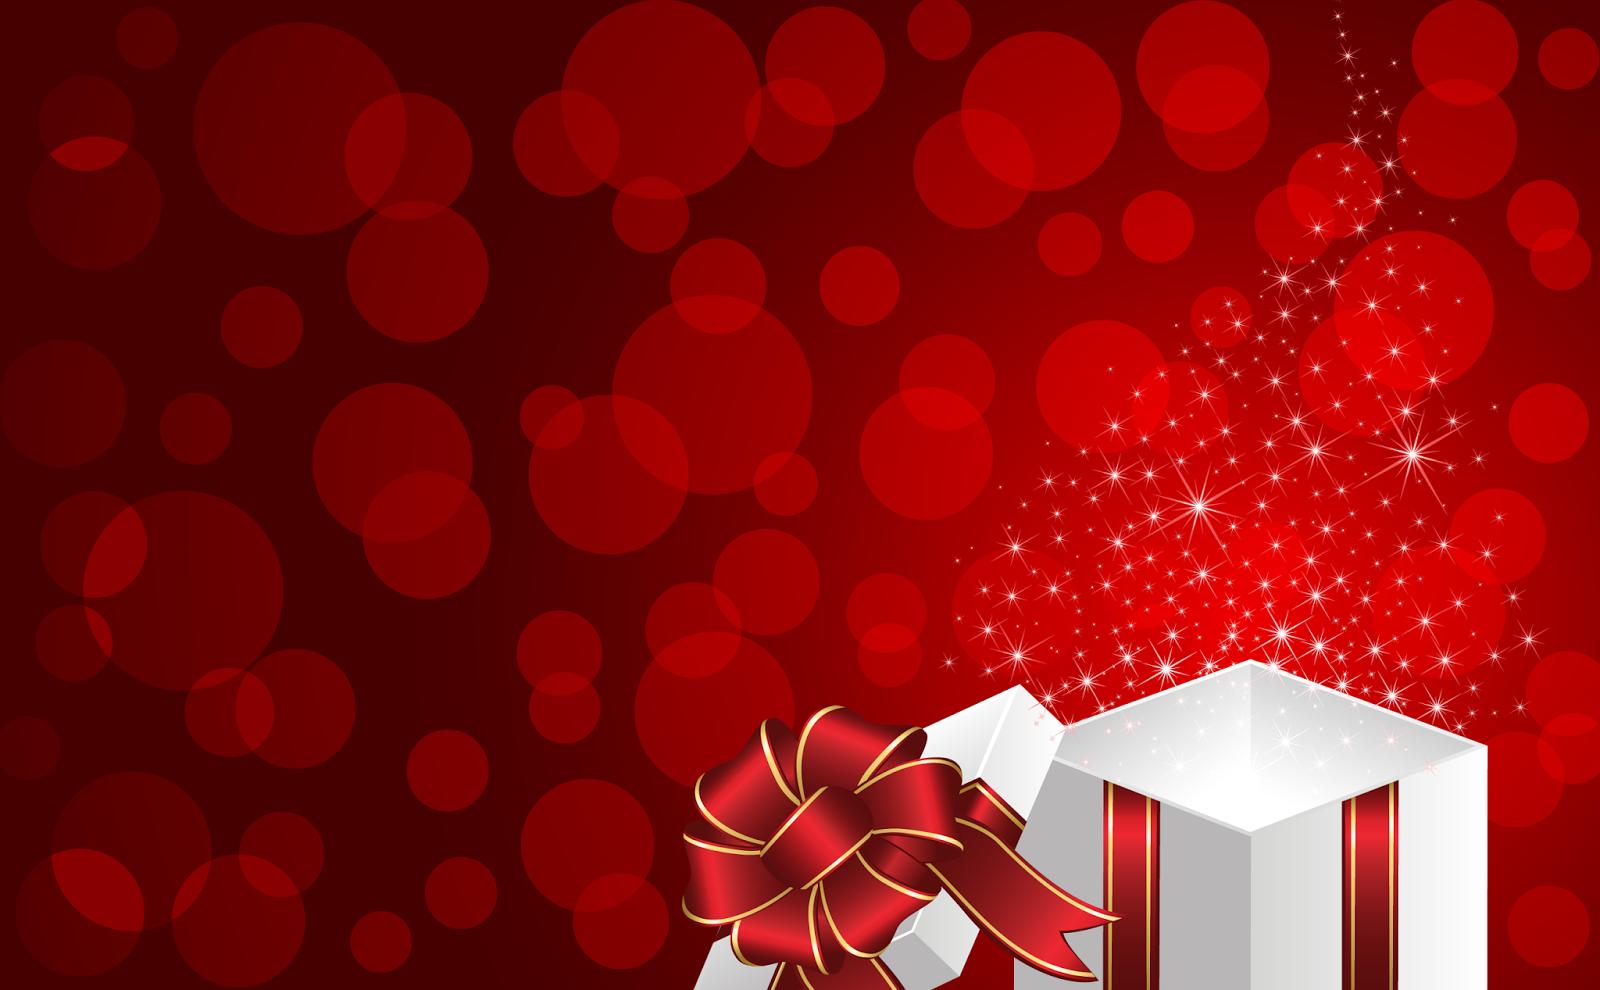 Fondos y Postales de Navidad | Fondos de pantalla y mucho más